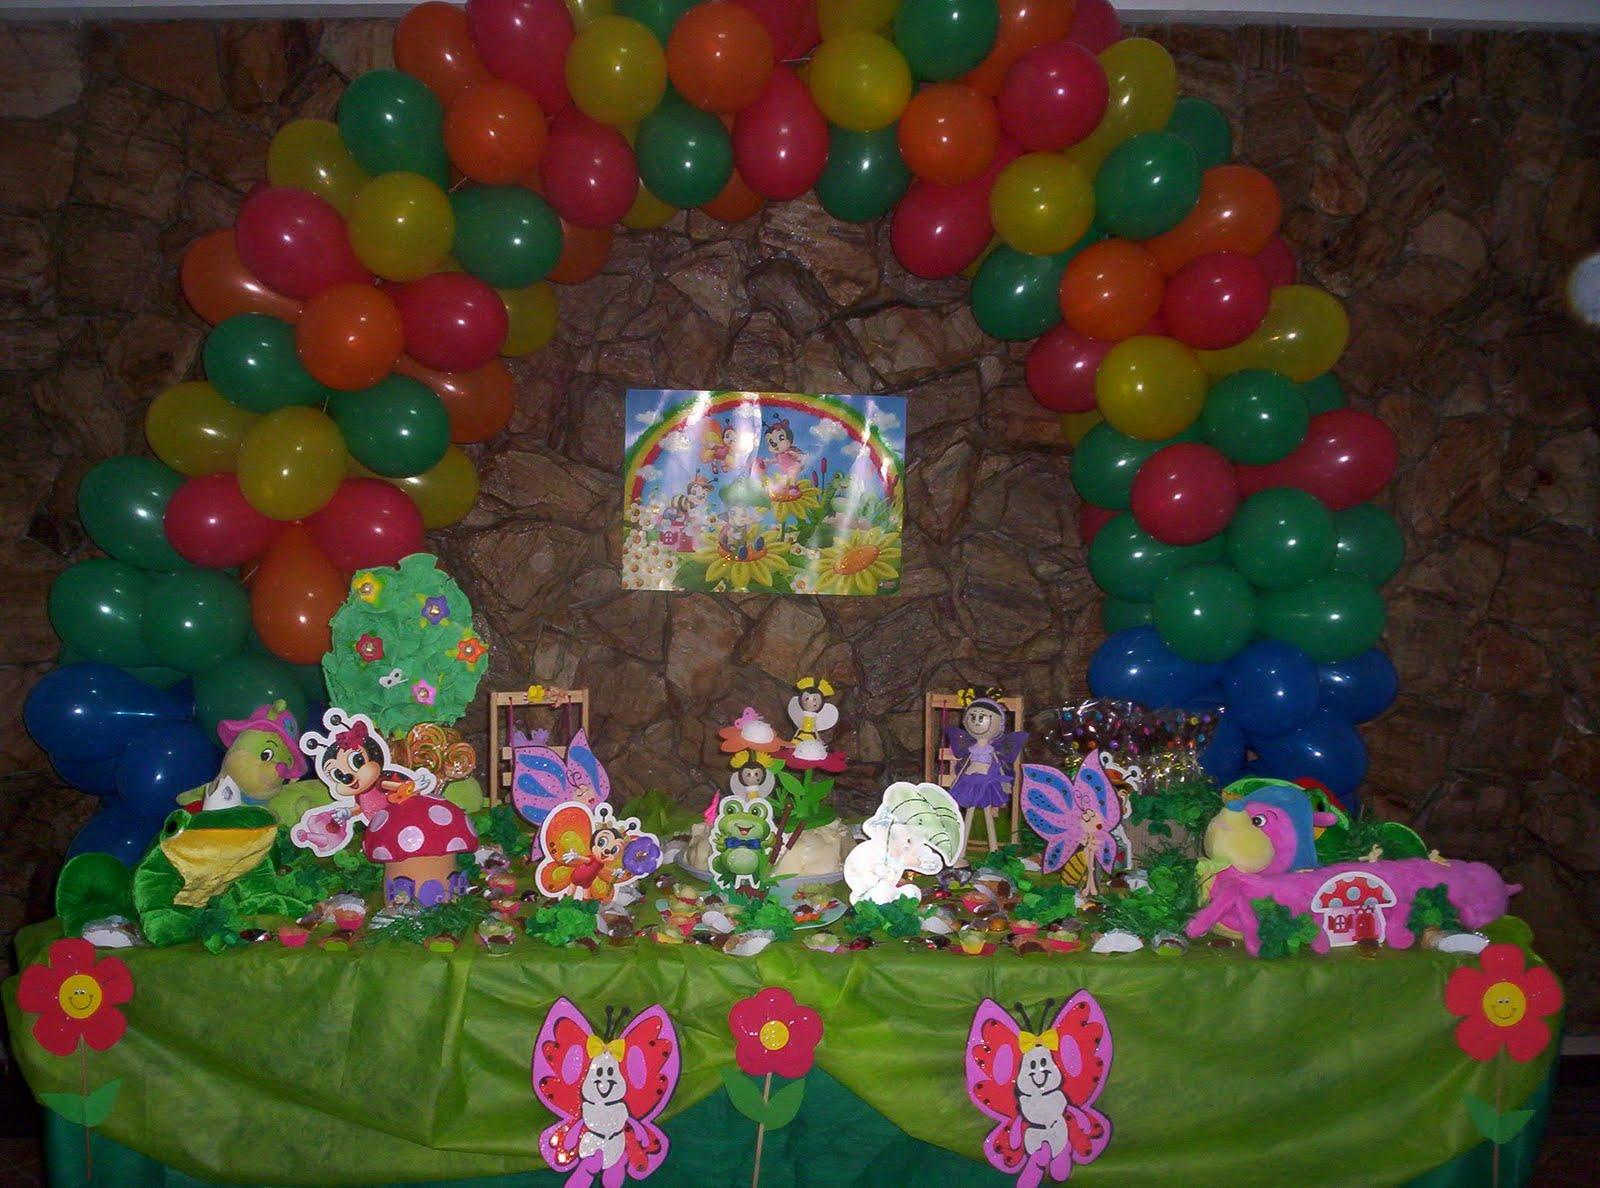 decoracao de aniversario jardim encantado : decoracao de aniversario jardim encantado:ENCANTARTE CULINARIA E ARTE: DECORAÇÃO JARDIM ENCANTADO